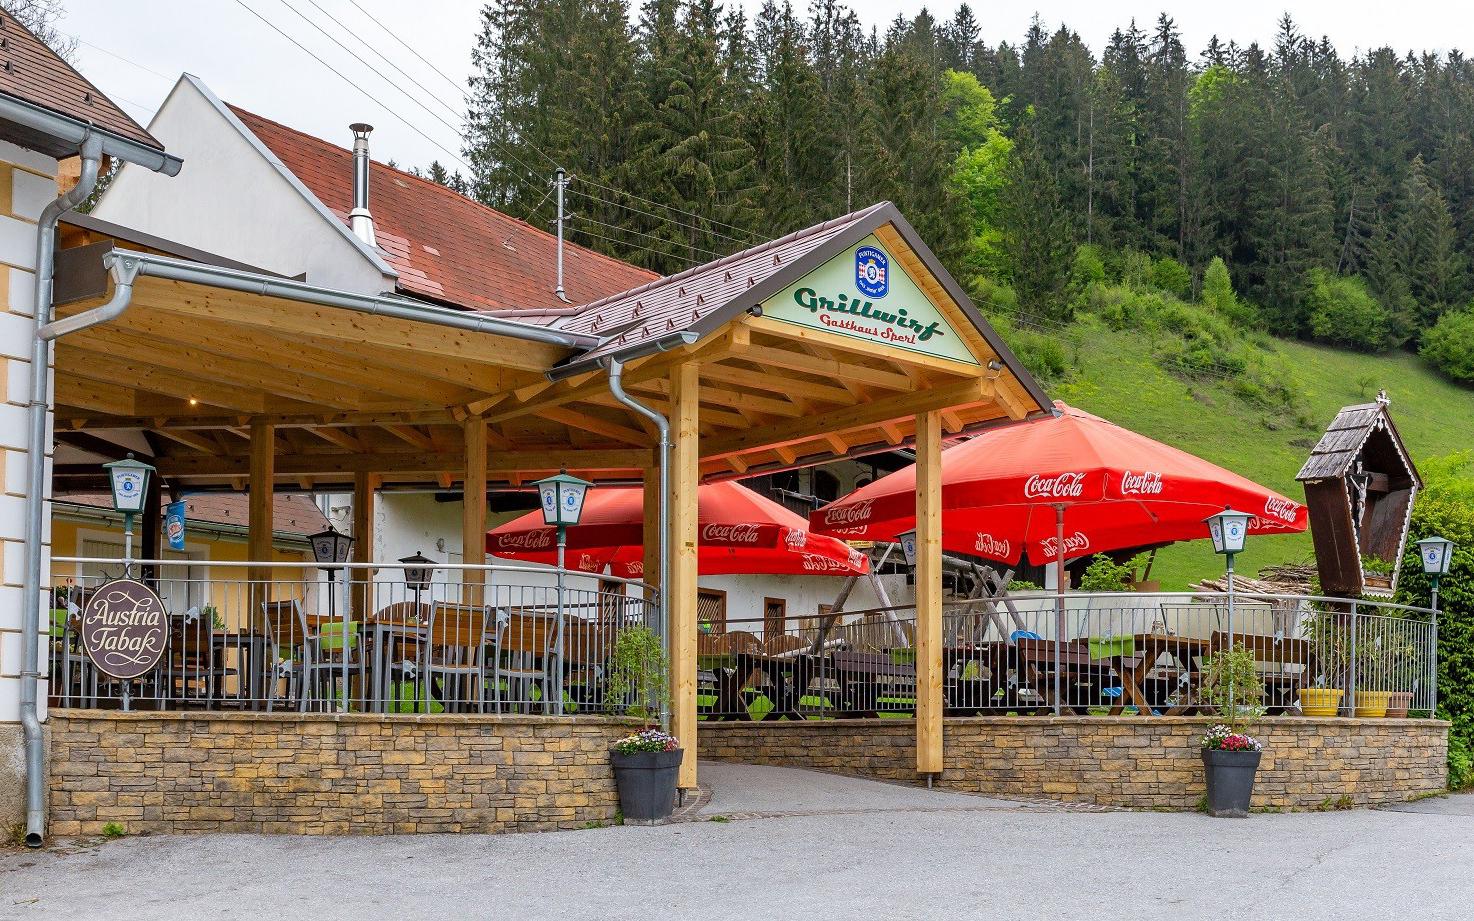 Gasthaus Sperl – Grillwirt